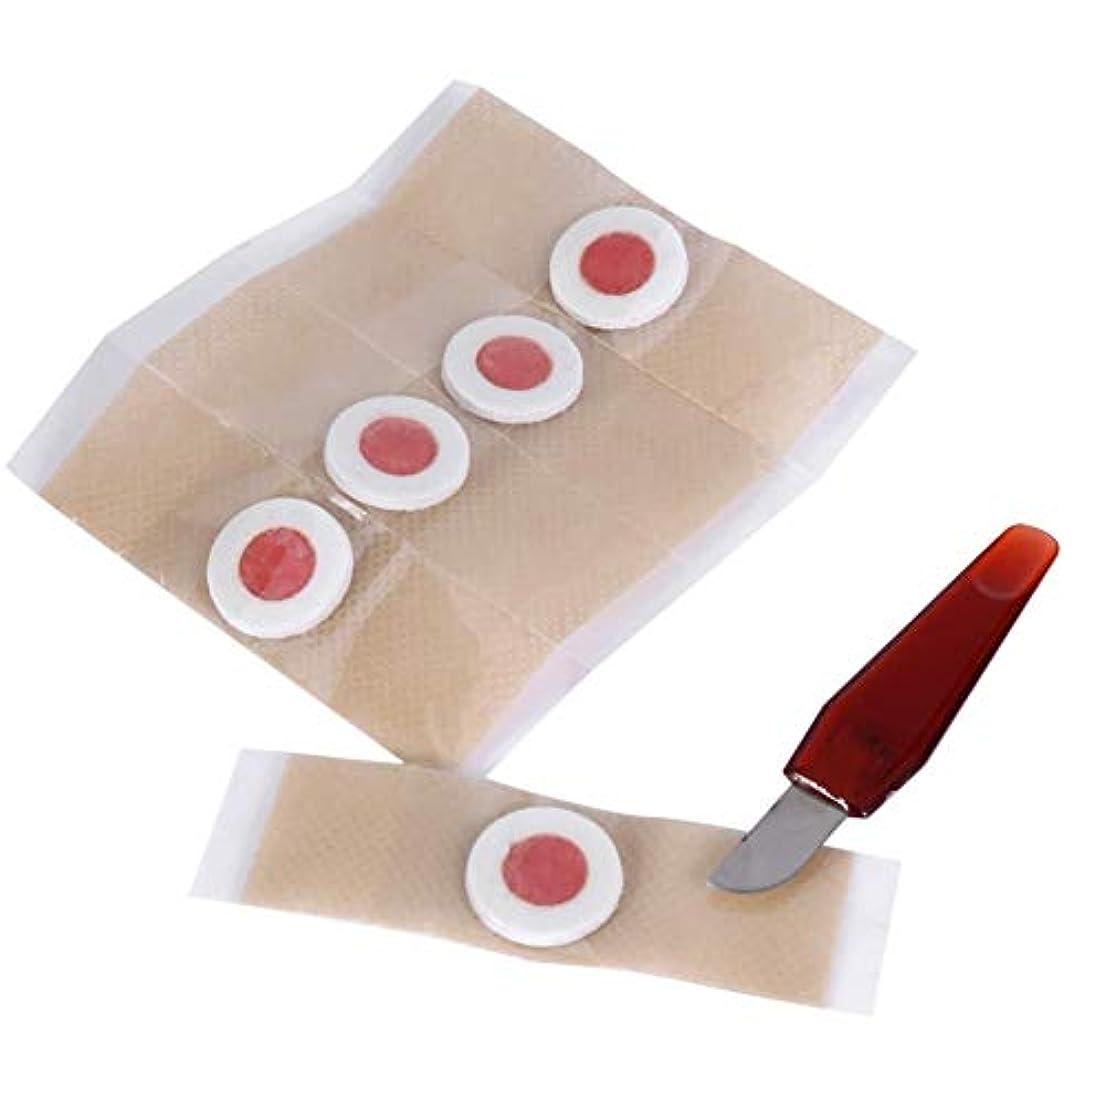 下になんとなくバズ足のとうもろこしの除去、足底とつま先のカルスの除去パッドは痛みを伴うナイフの痛みの摩擦ケアプラスター(5PCS /箱)を取り除きます